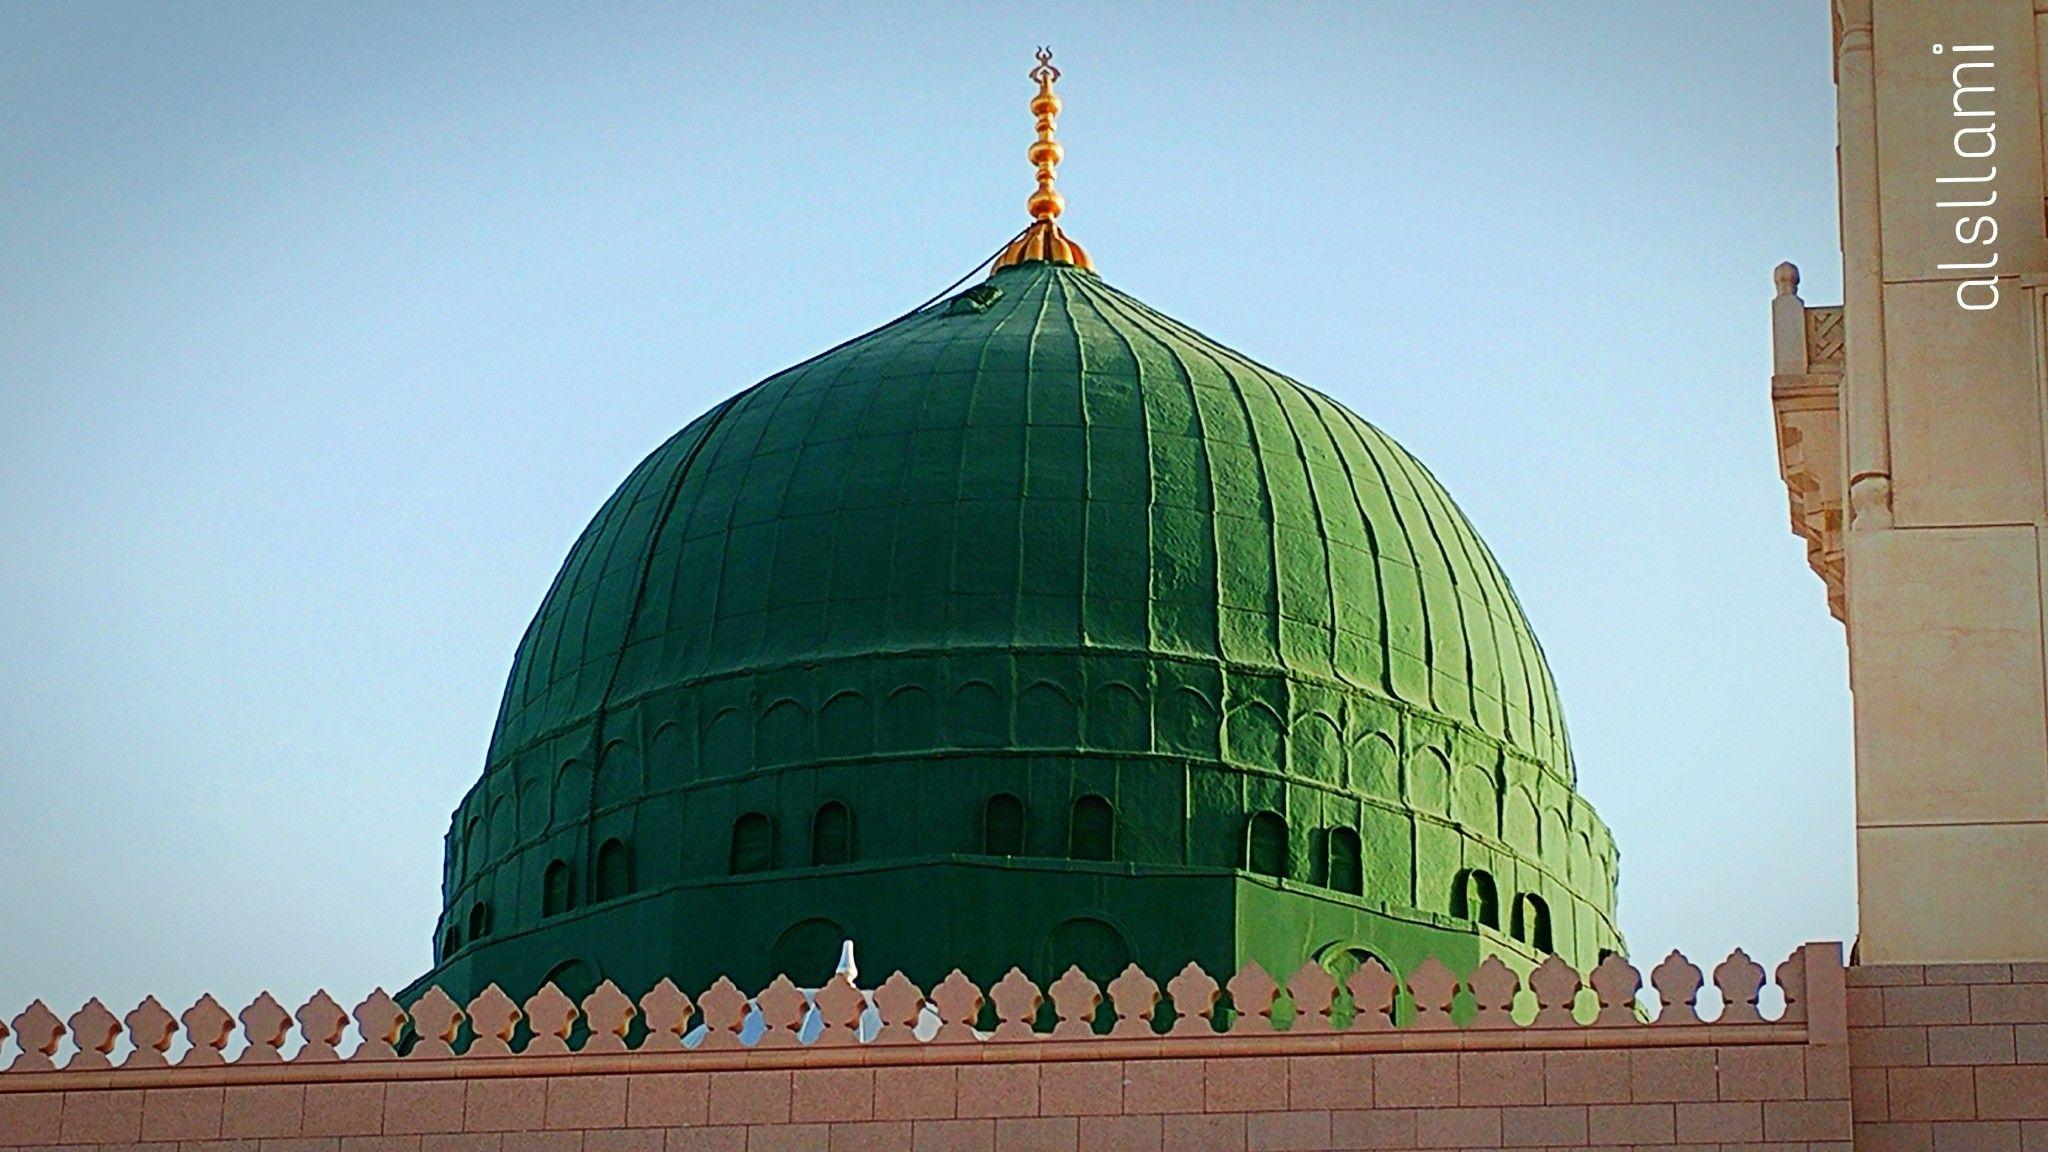 القبة الخضراء المدينة المنورة محمود السلامي Taj Mahal Landmarks Madina